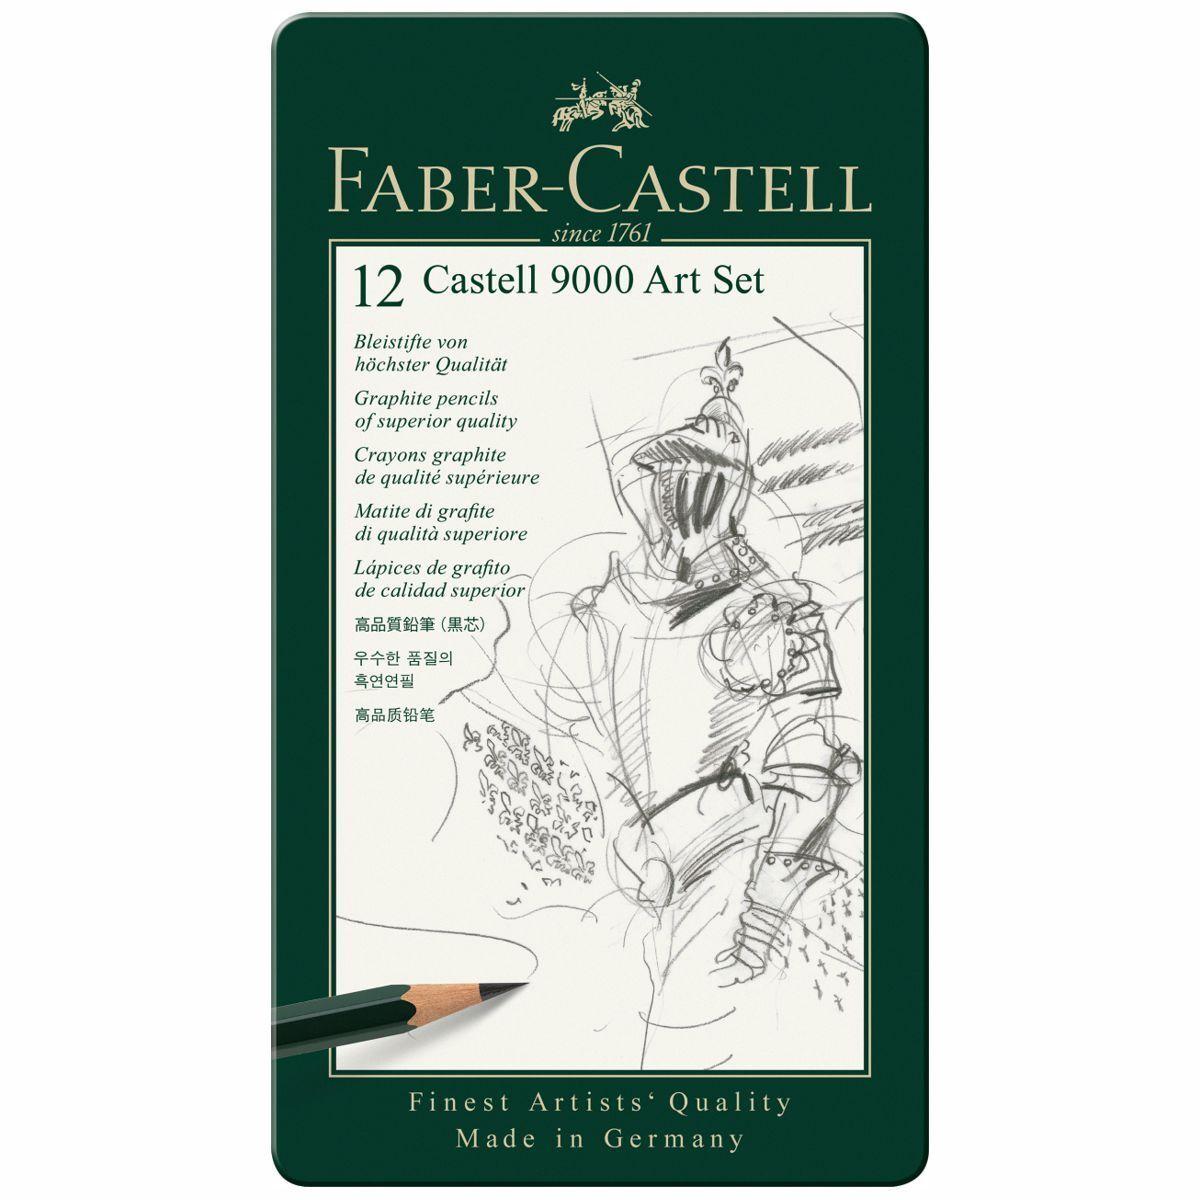 FABER CASTELL Bleistift ART Set 119065 12 Stück 8B-2H